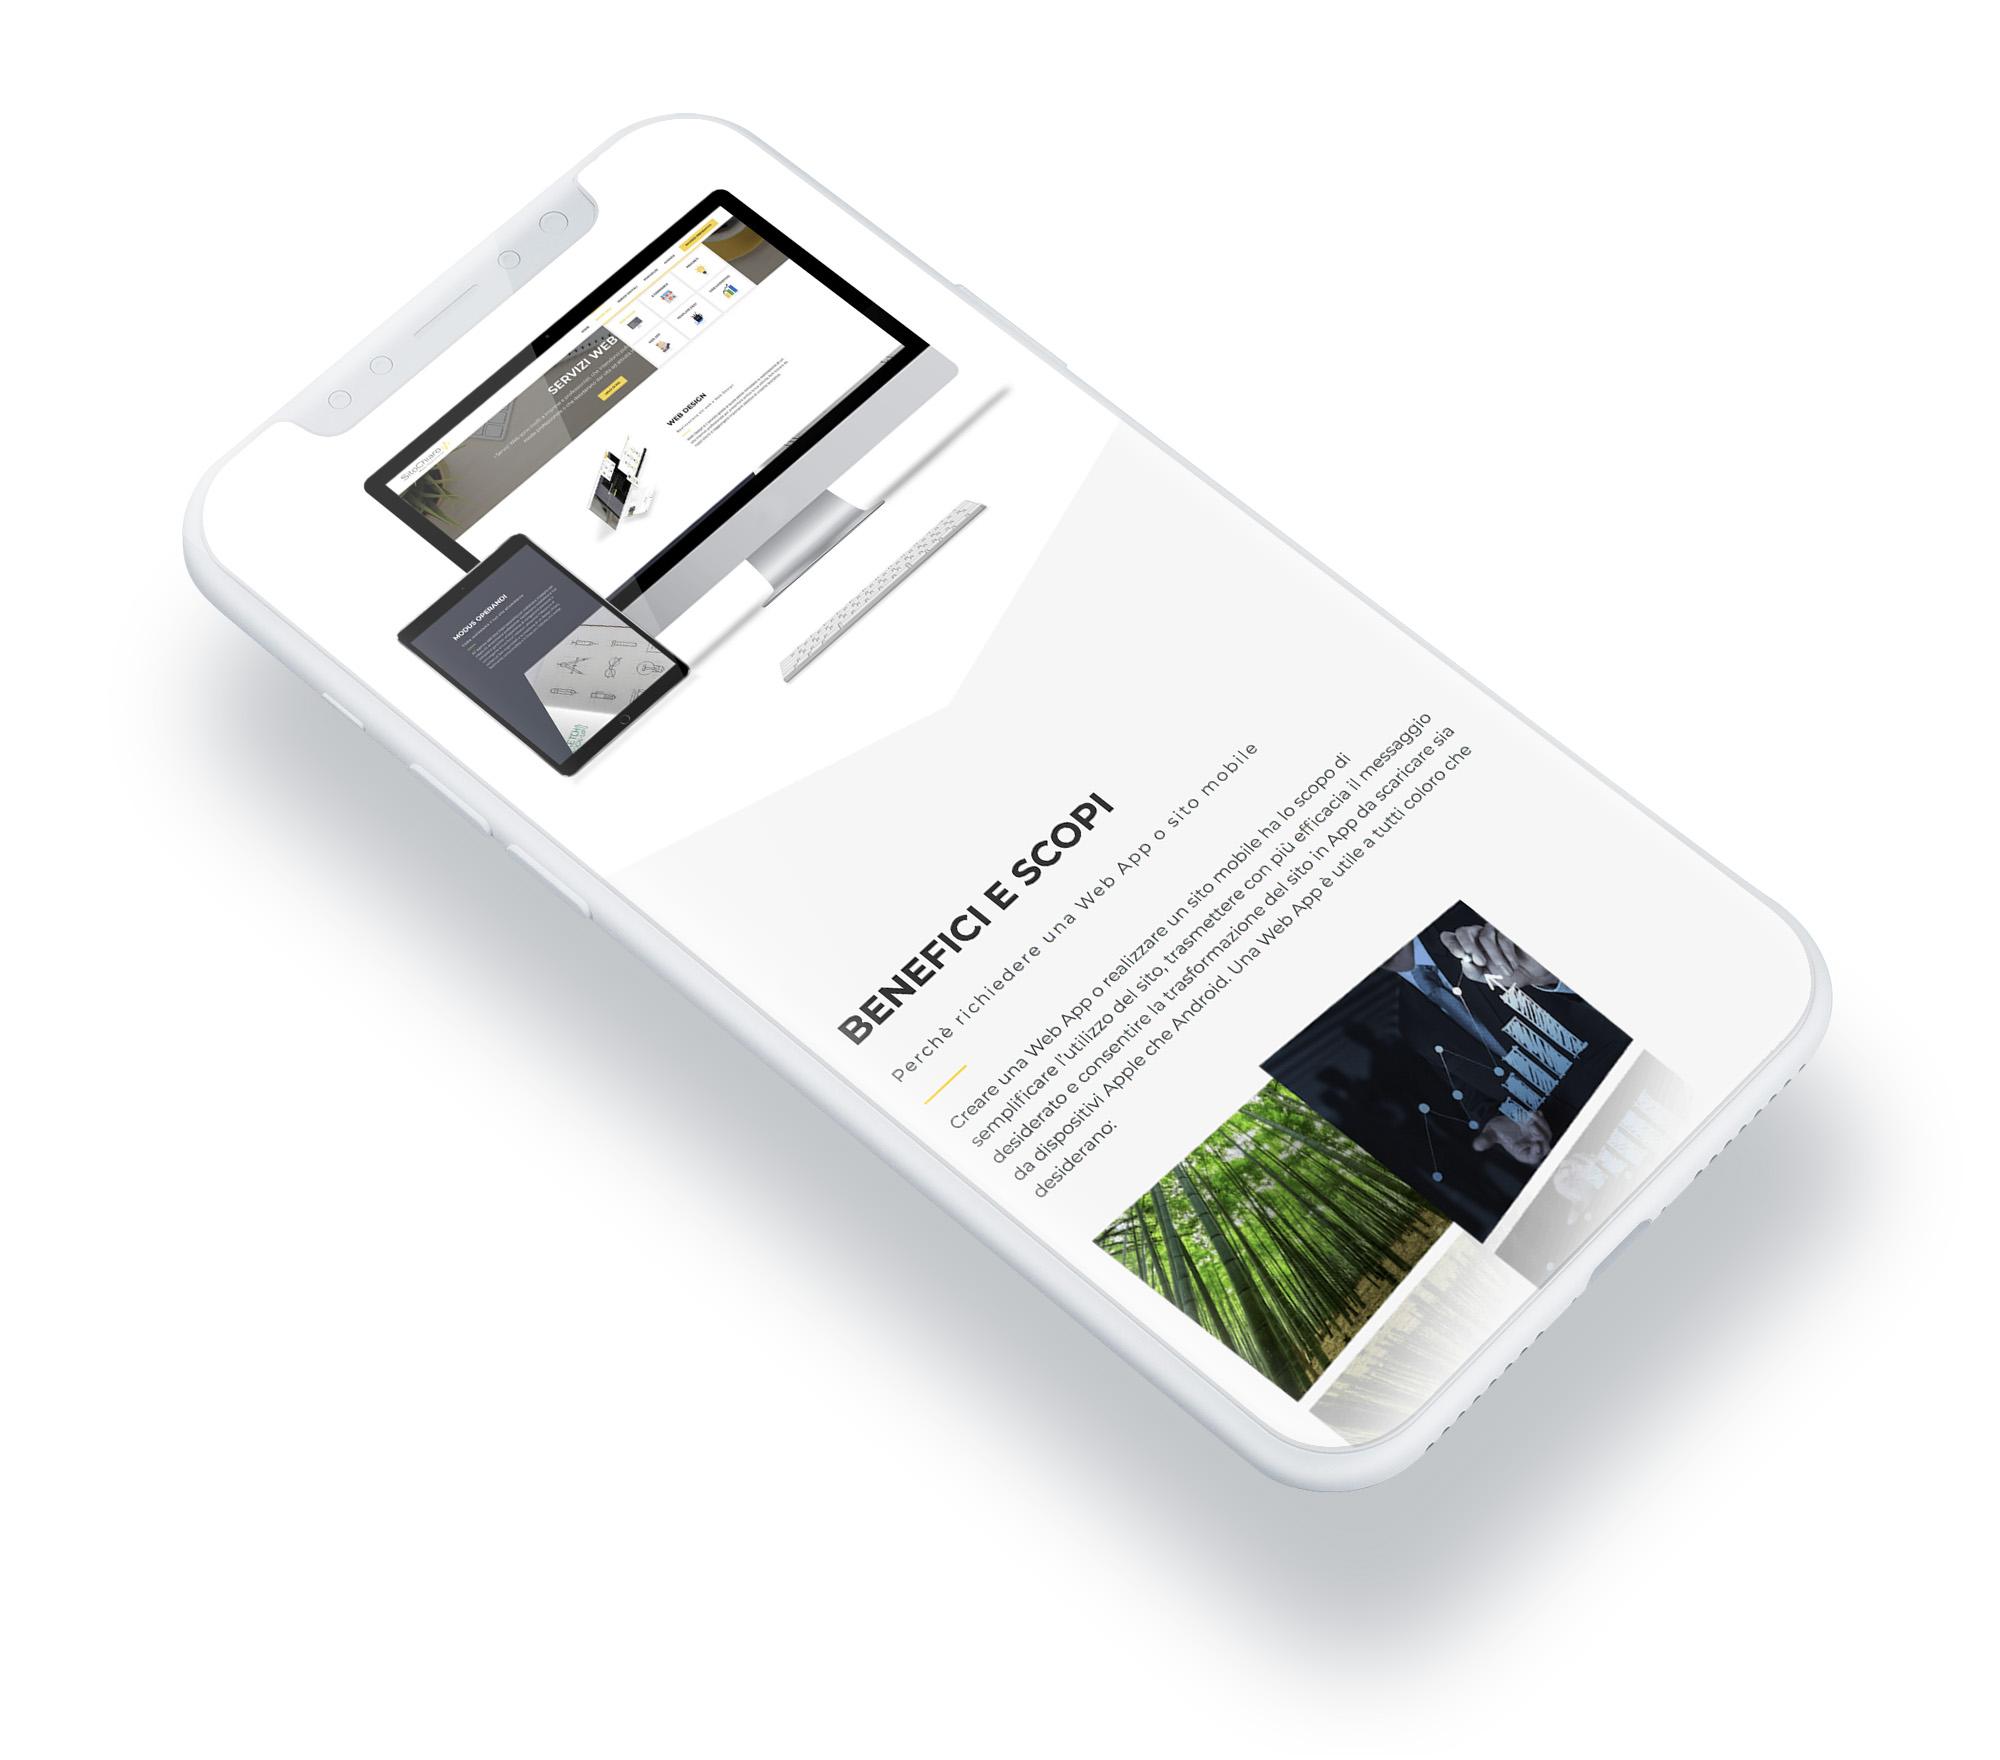 Realizzazione Web App Pozzuoli